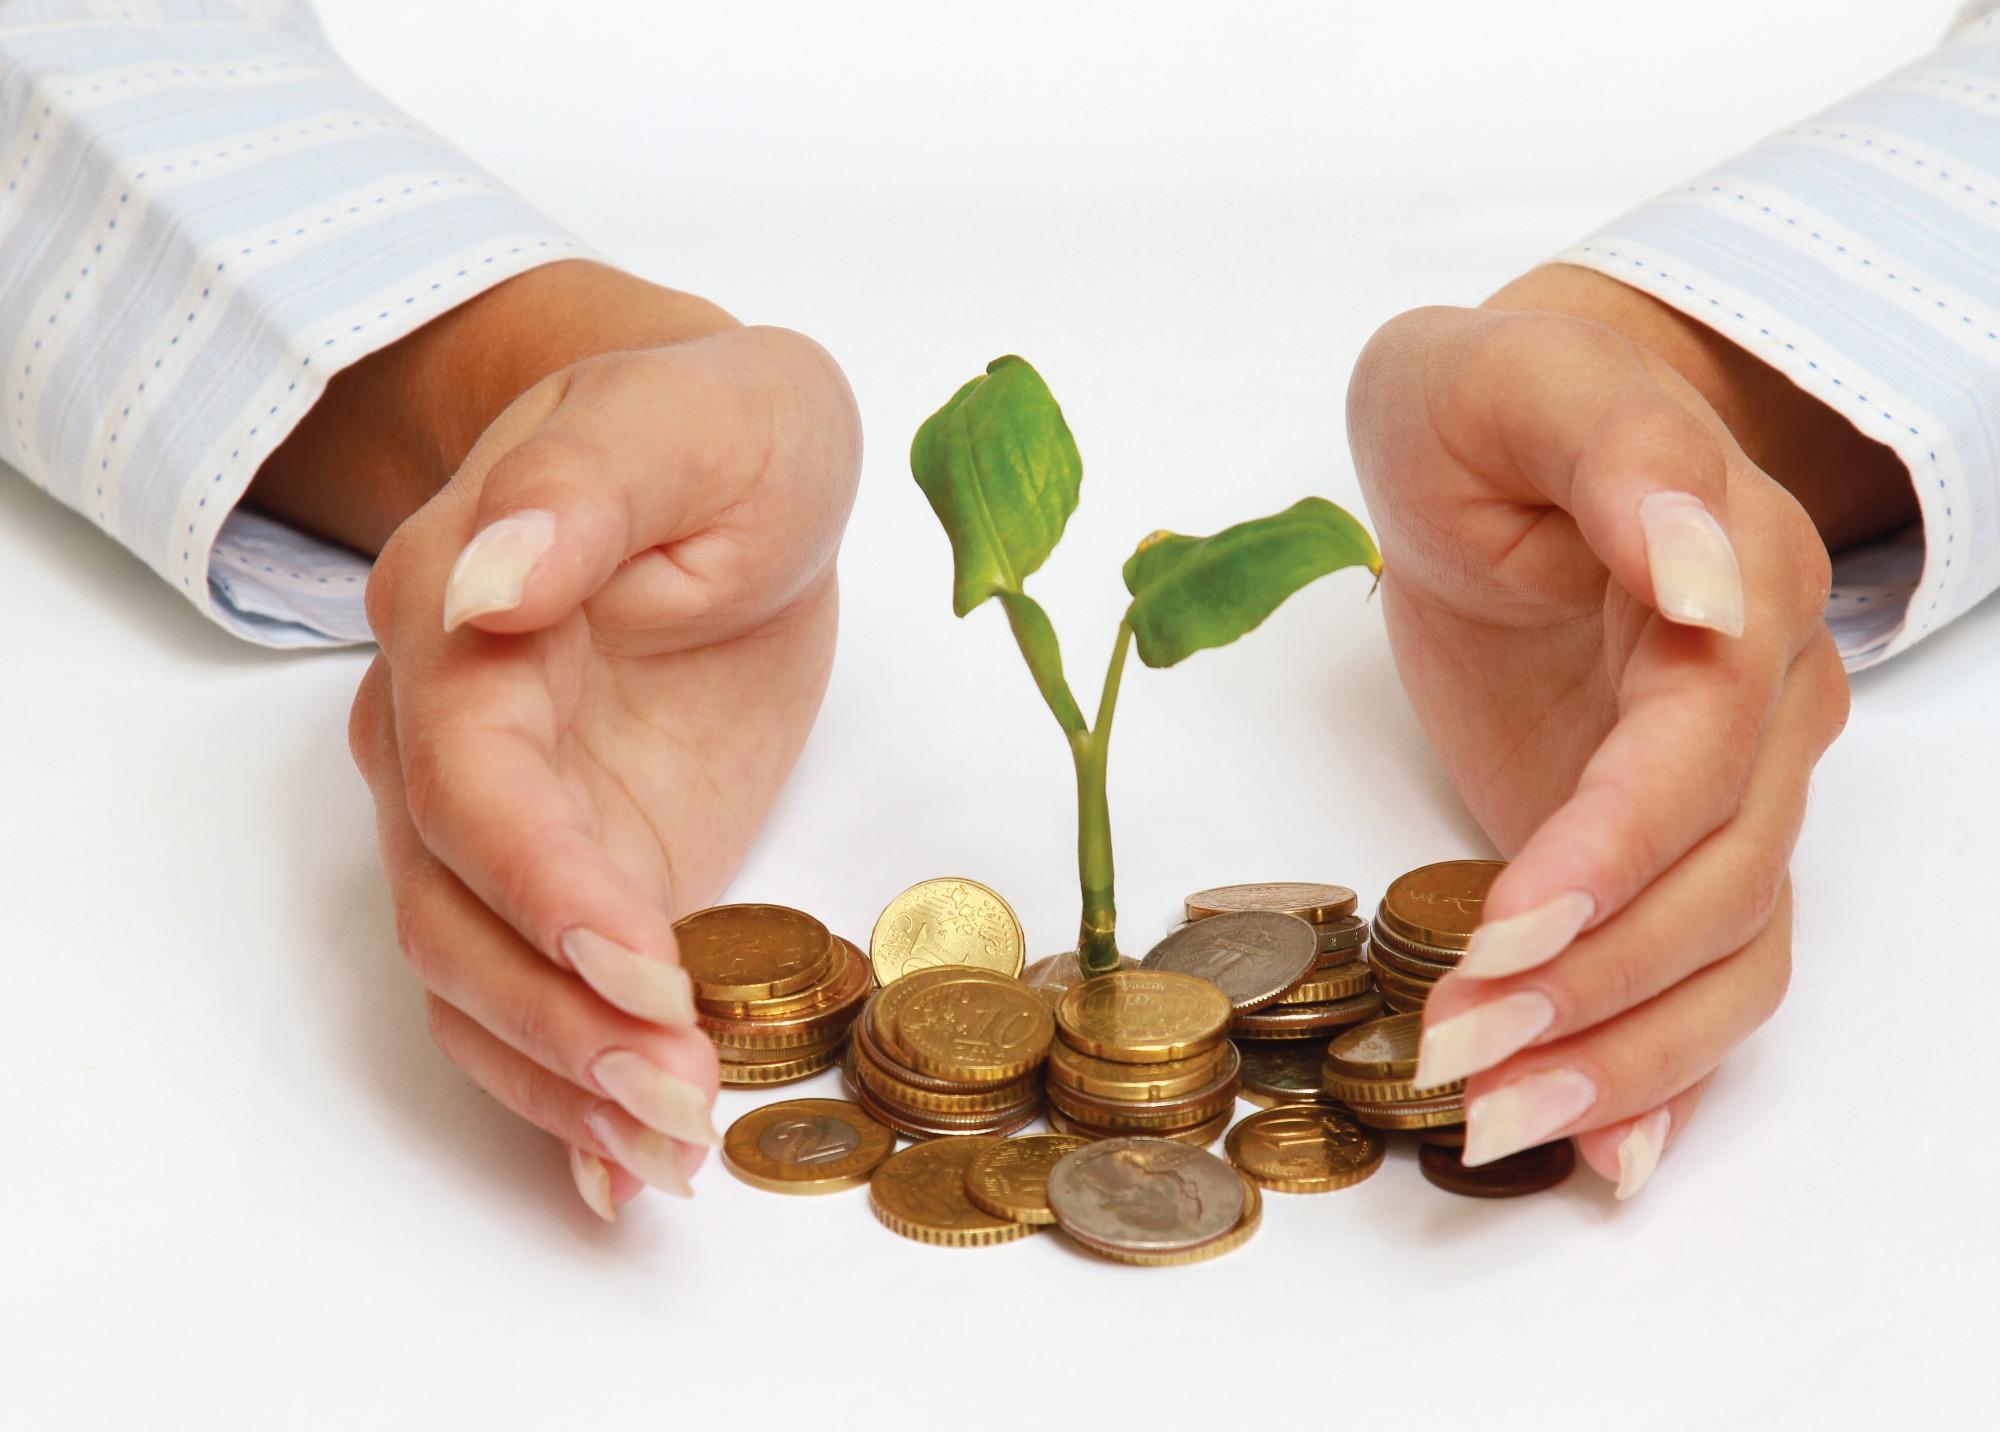 Selic baixa pode reduzir subsídio agrícola